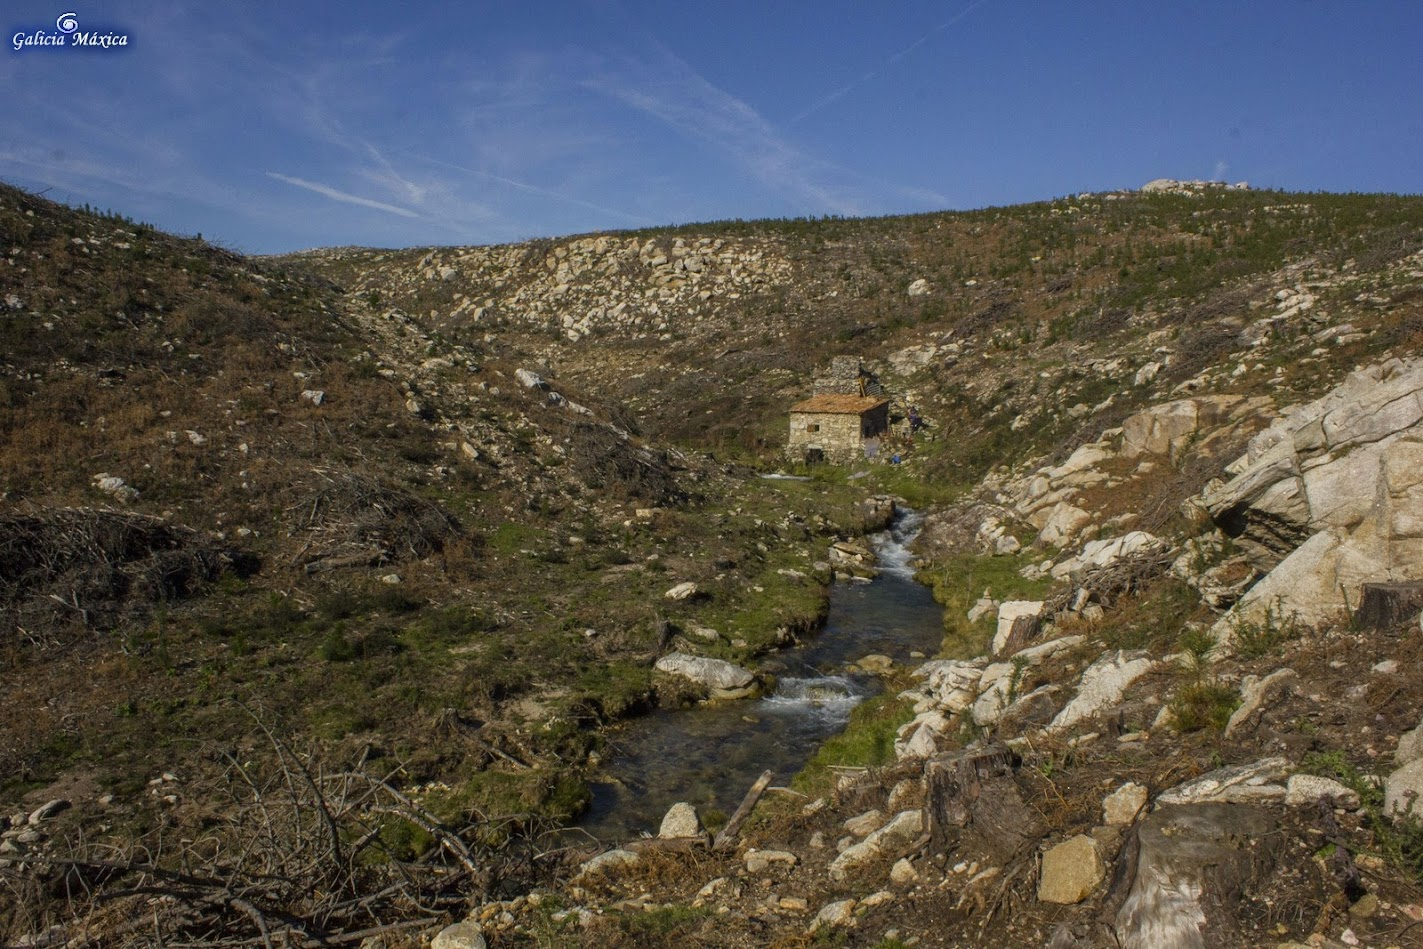 Valle del Cal